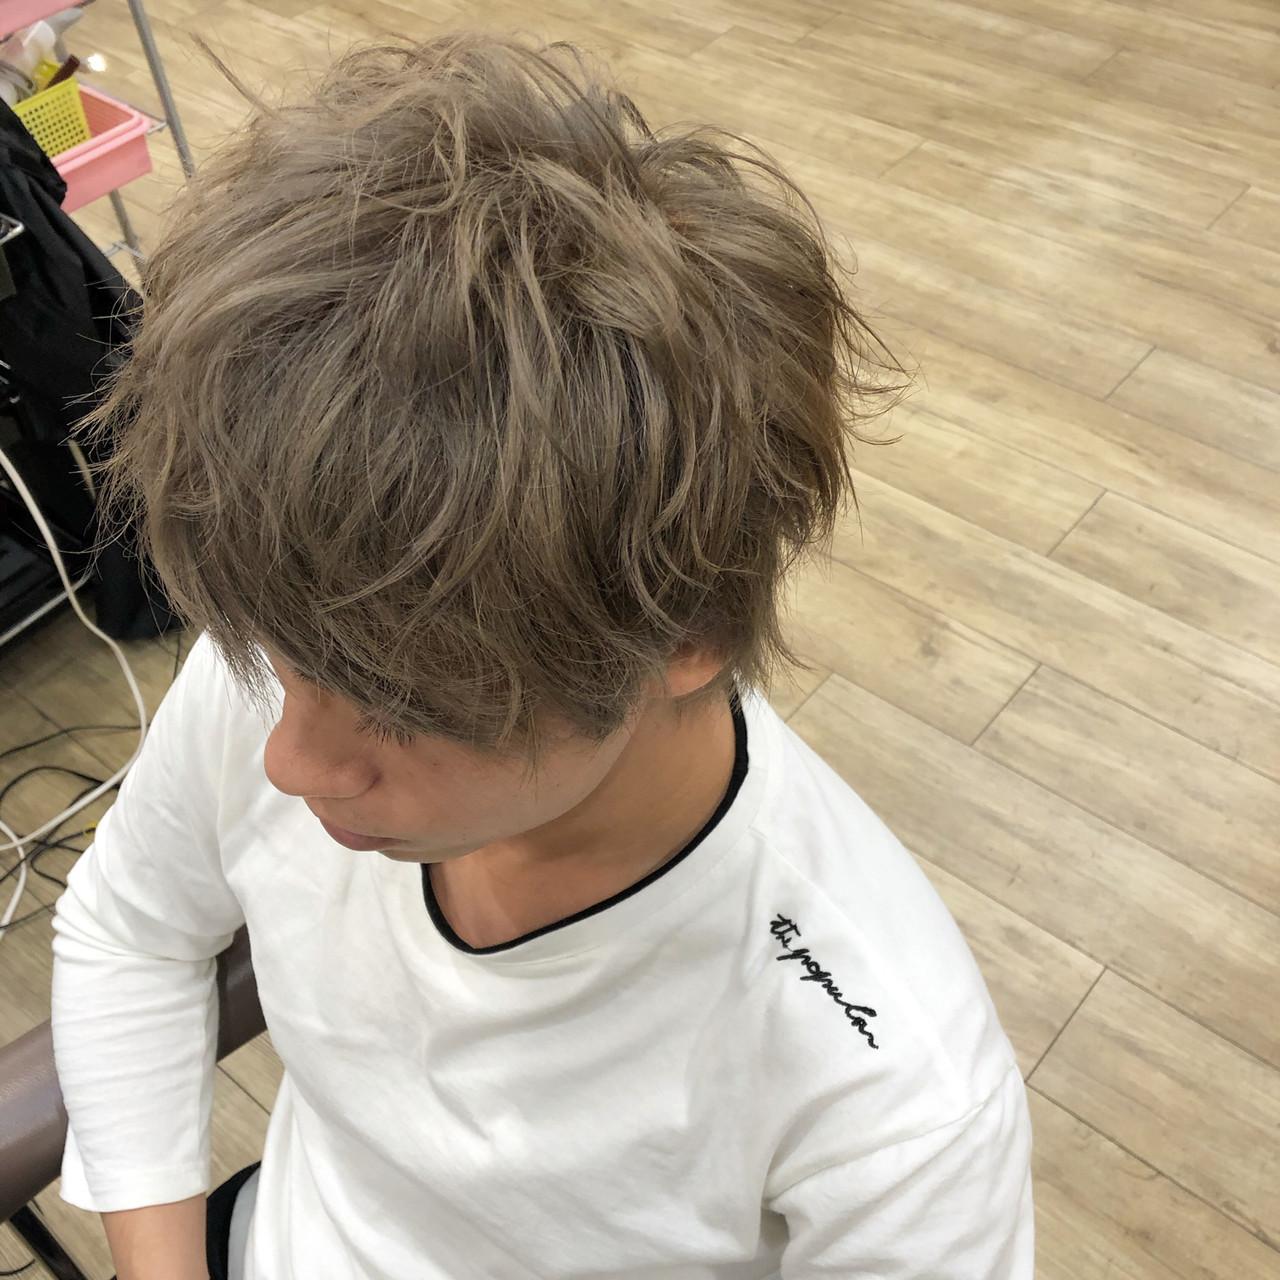 ウルフカット ショート ナチュラル ショートヘア ヘアスタイルや髪型の写真・画像